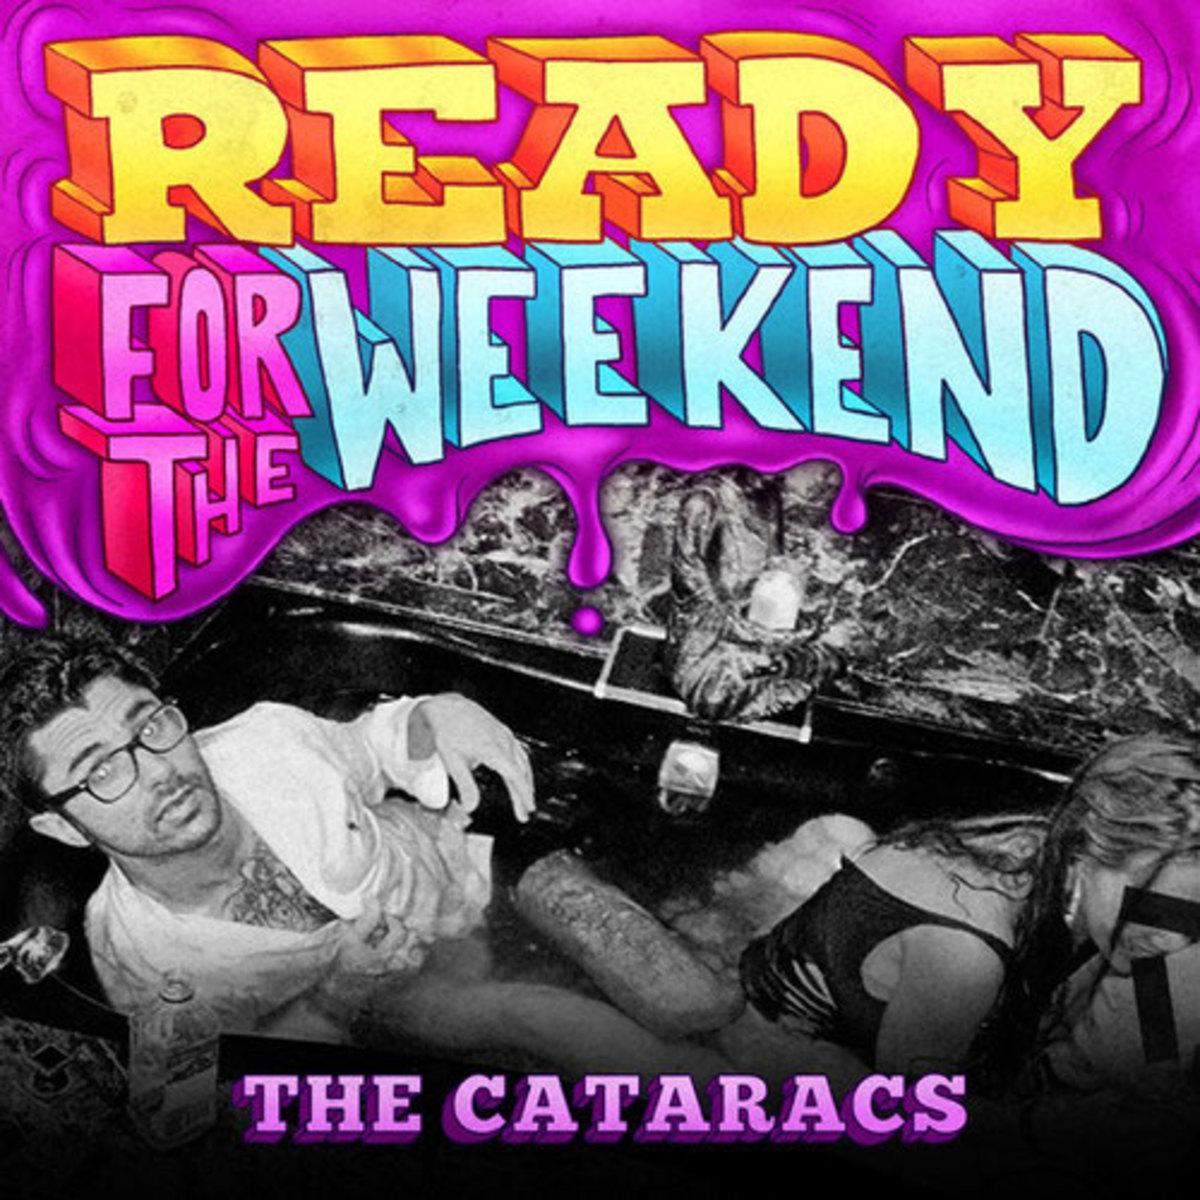 cataracs-readywknd.jpg